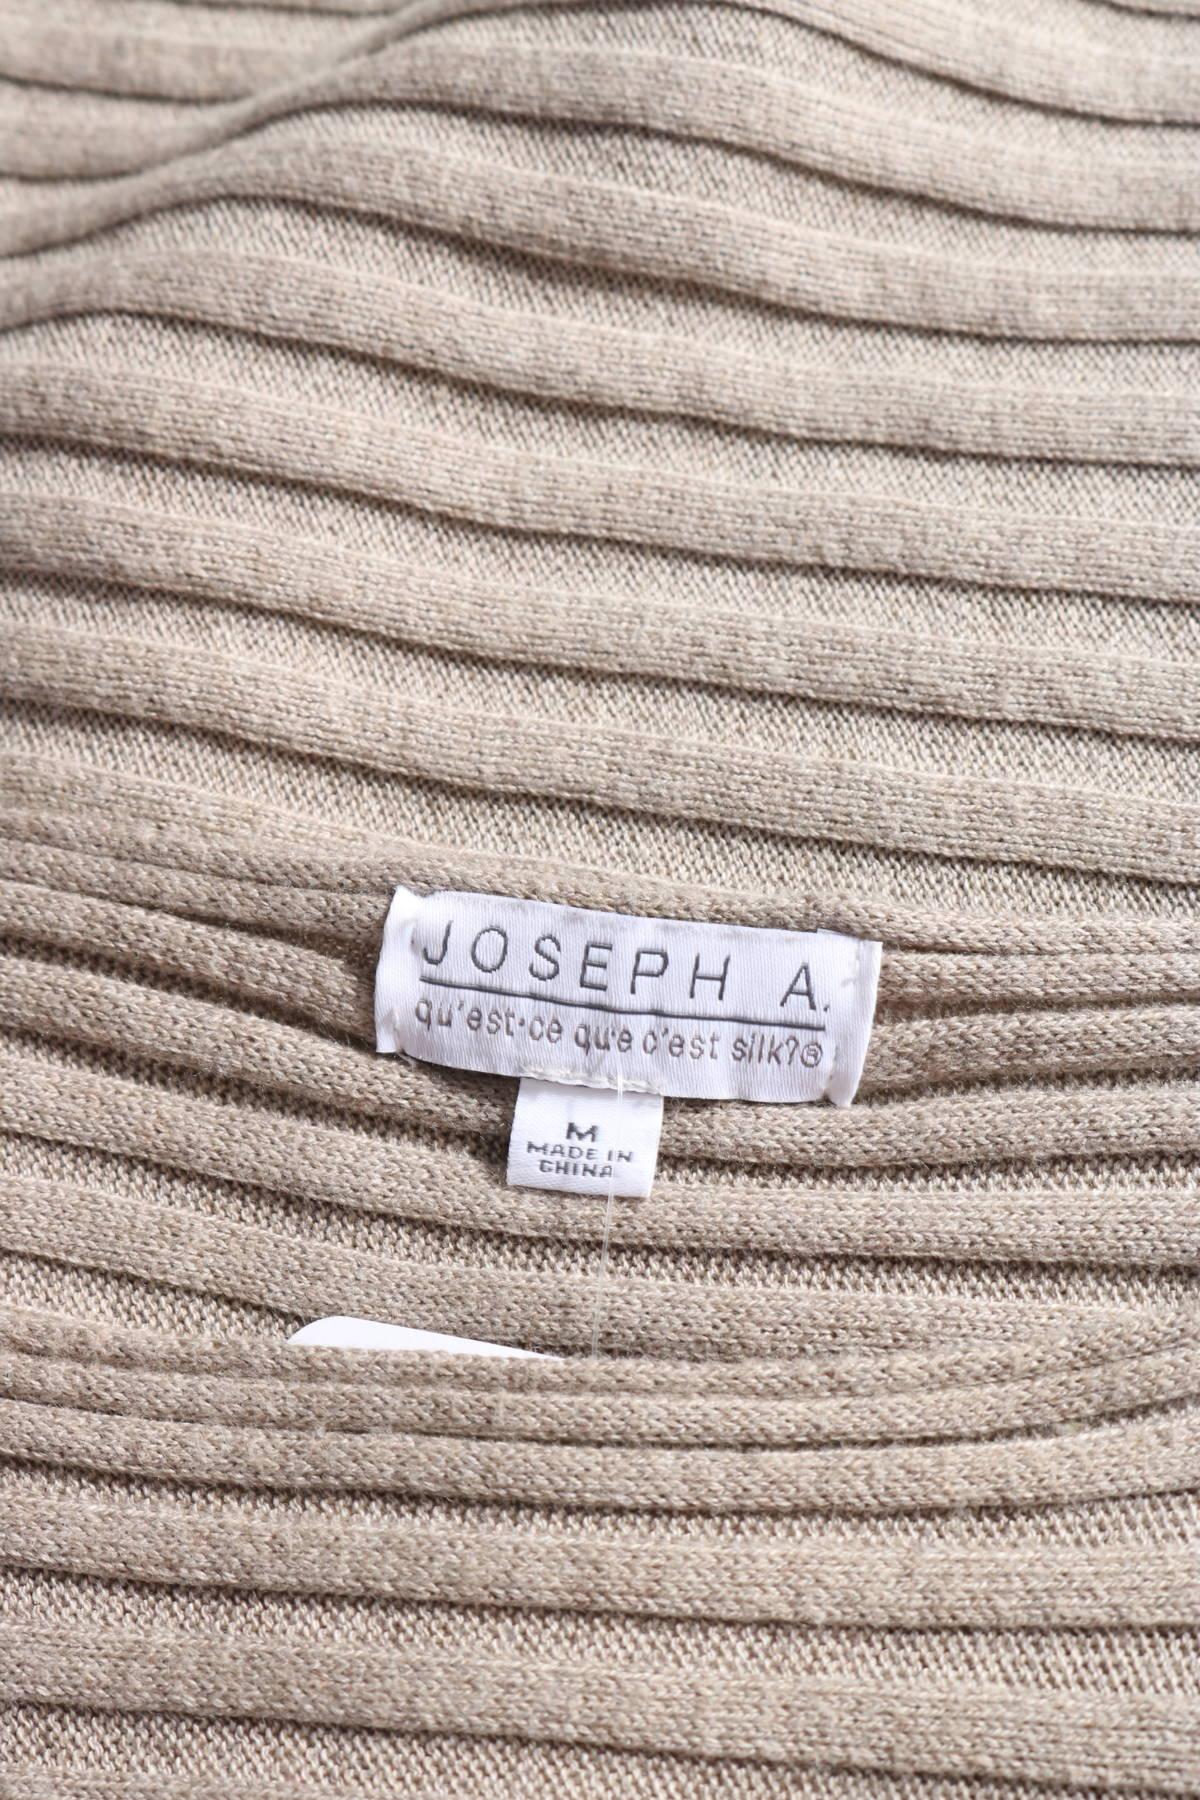 Пуловер JOSEPH A.3